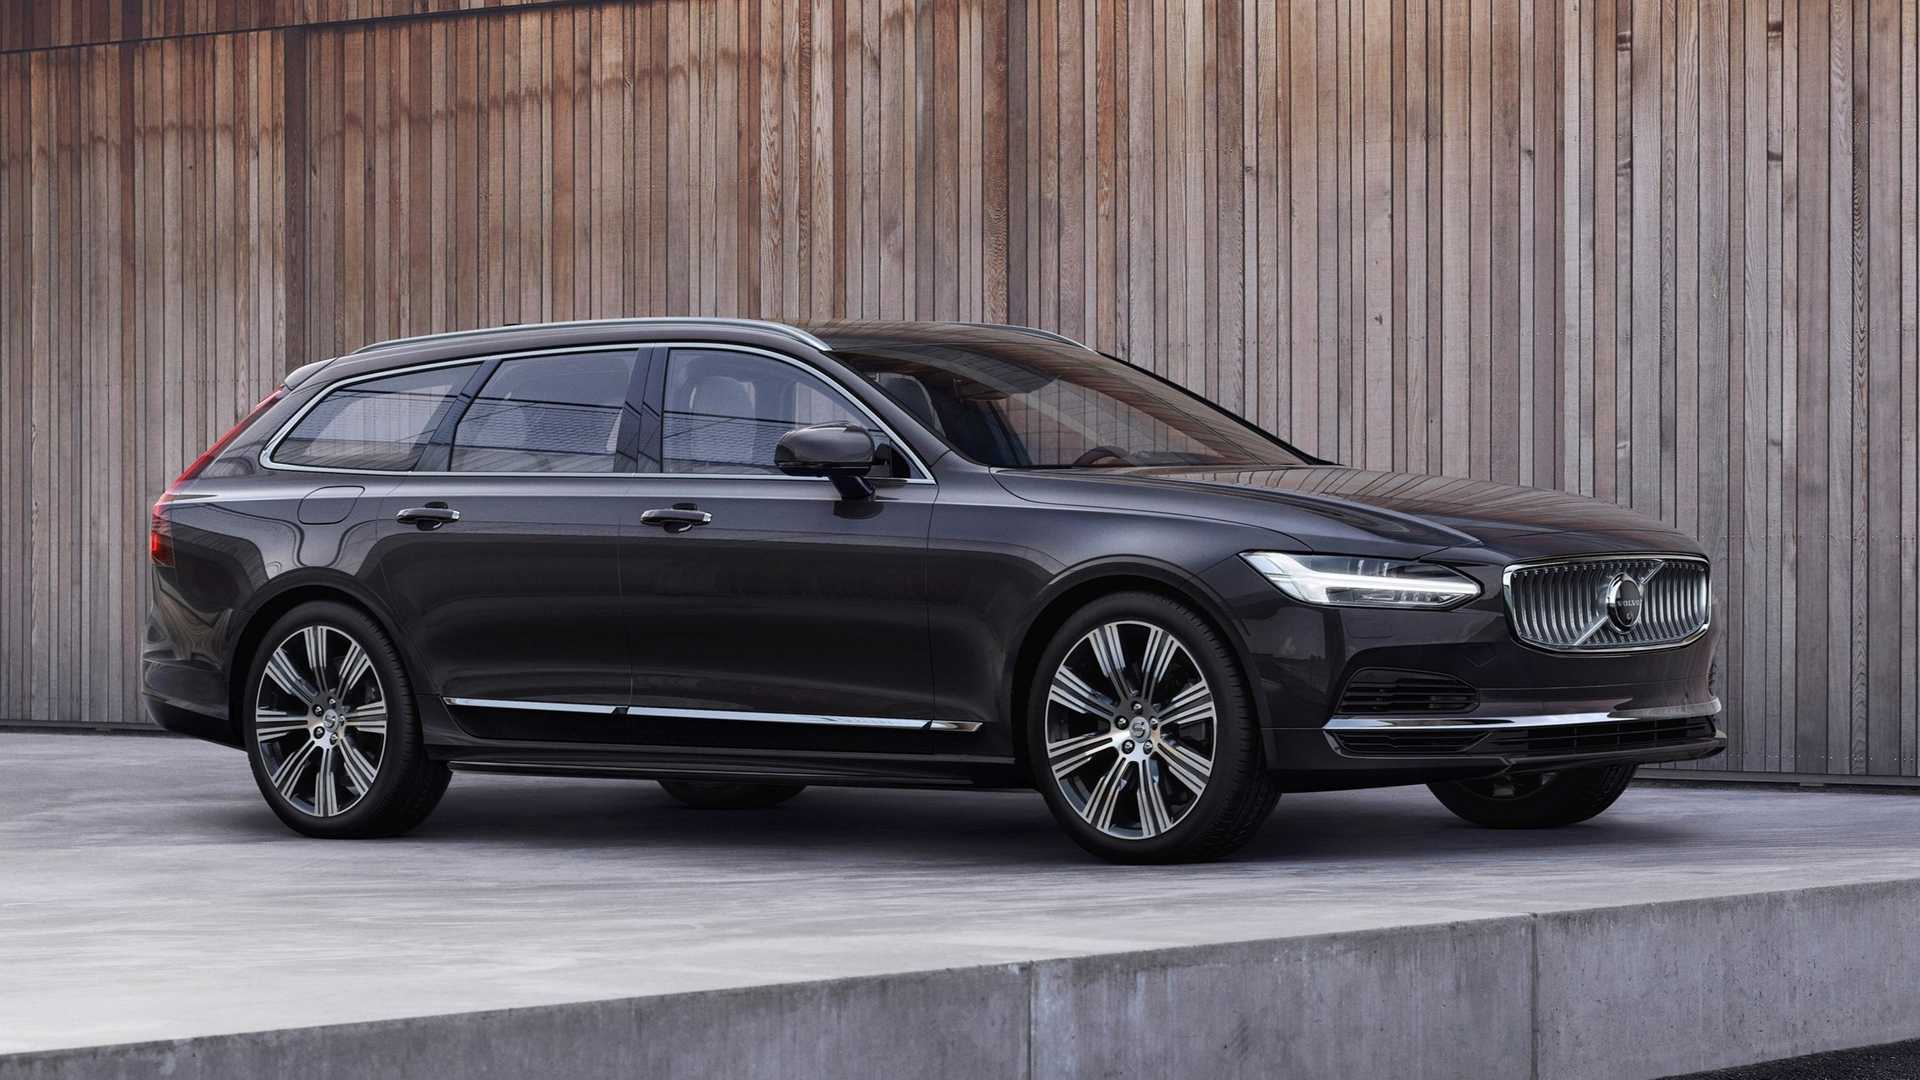 2021 Volvo V90 Release Date